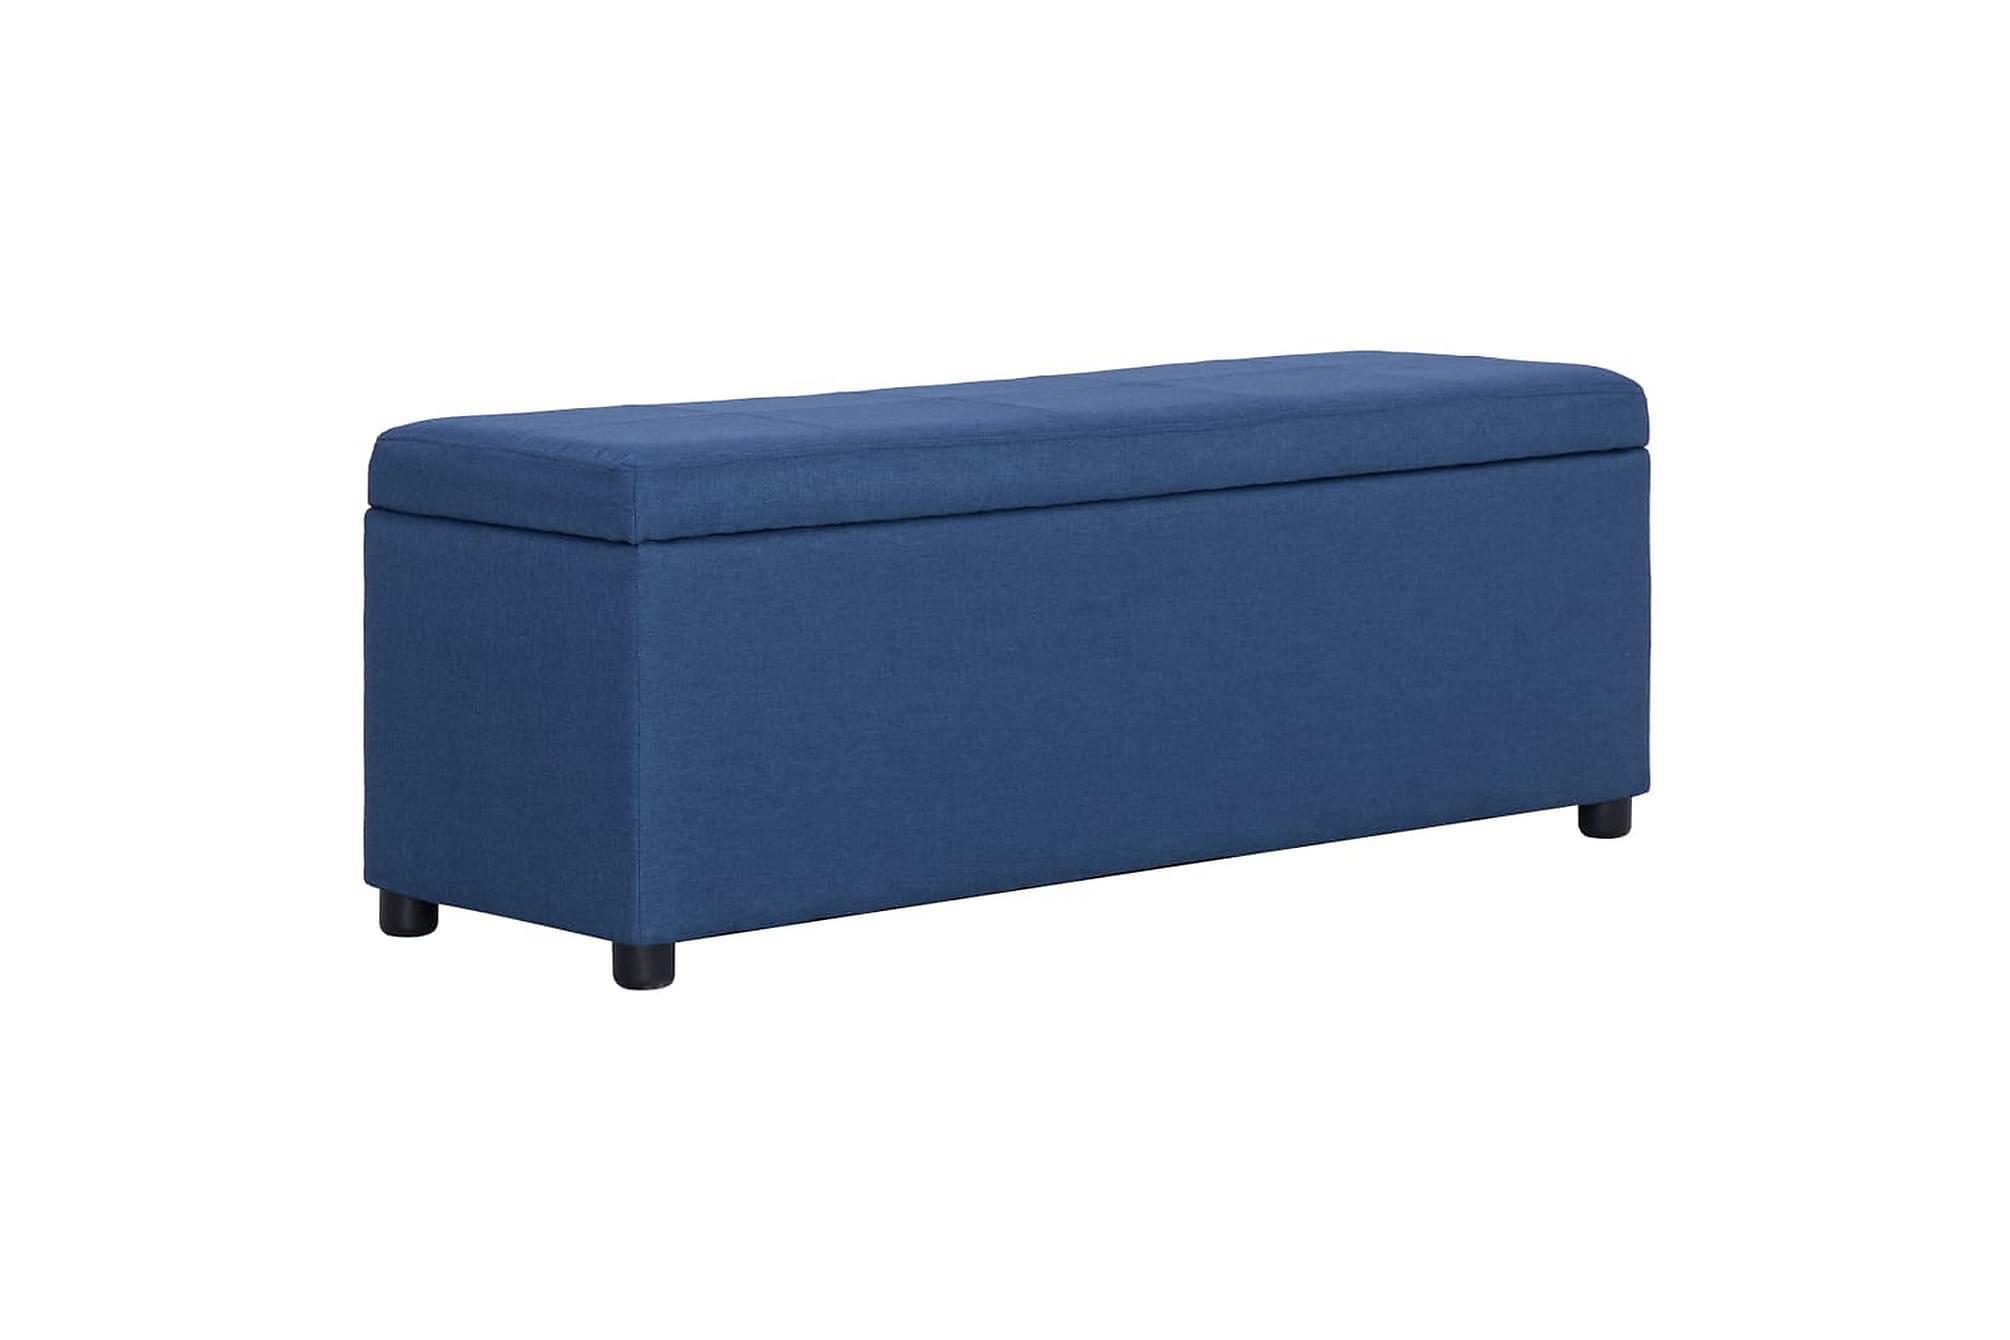 Bänk med förvaringsutrymme 116 cm blå polyester